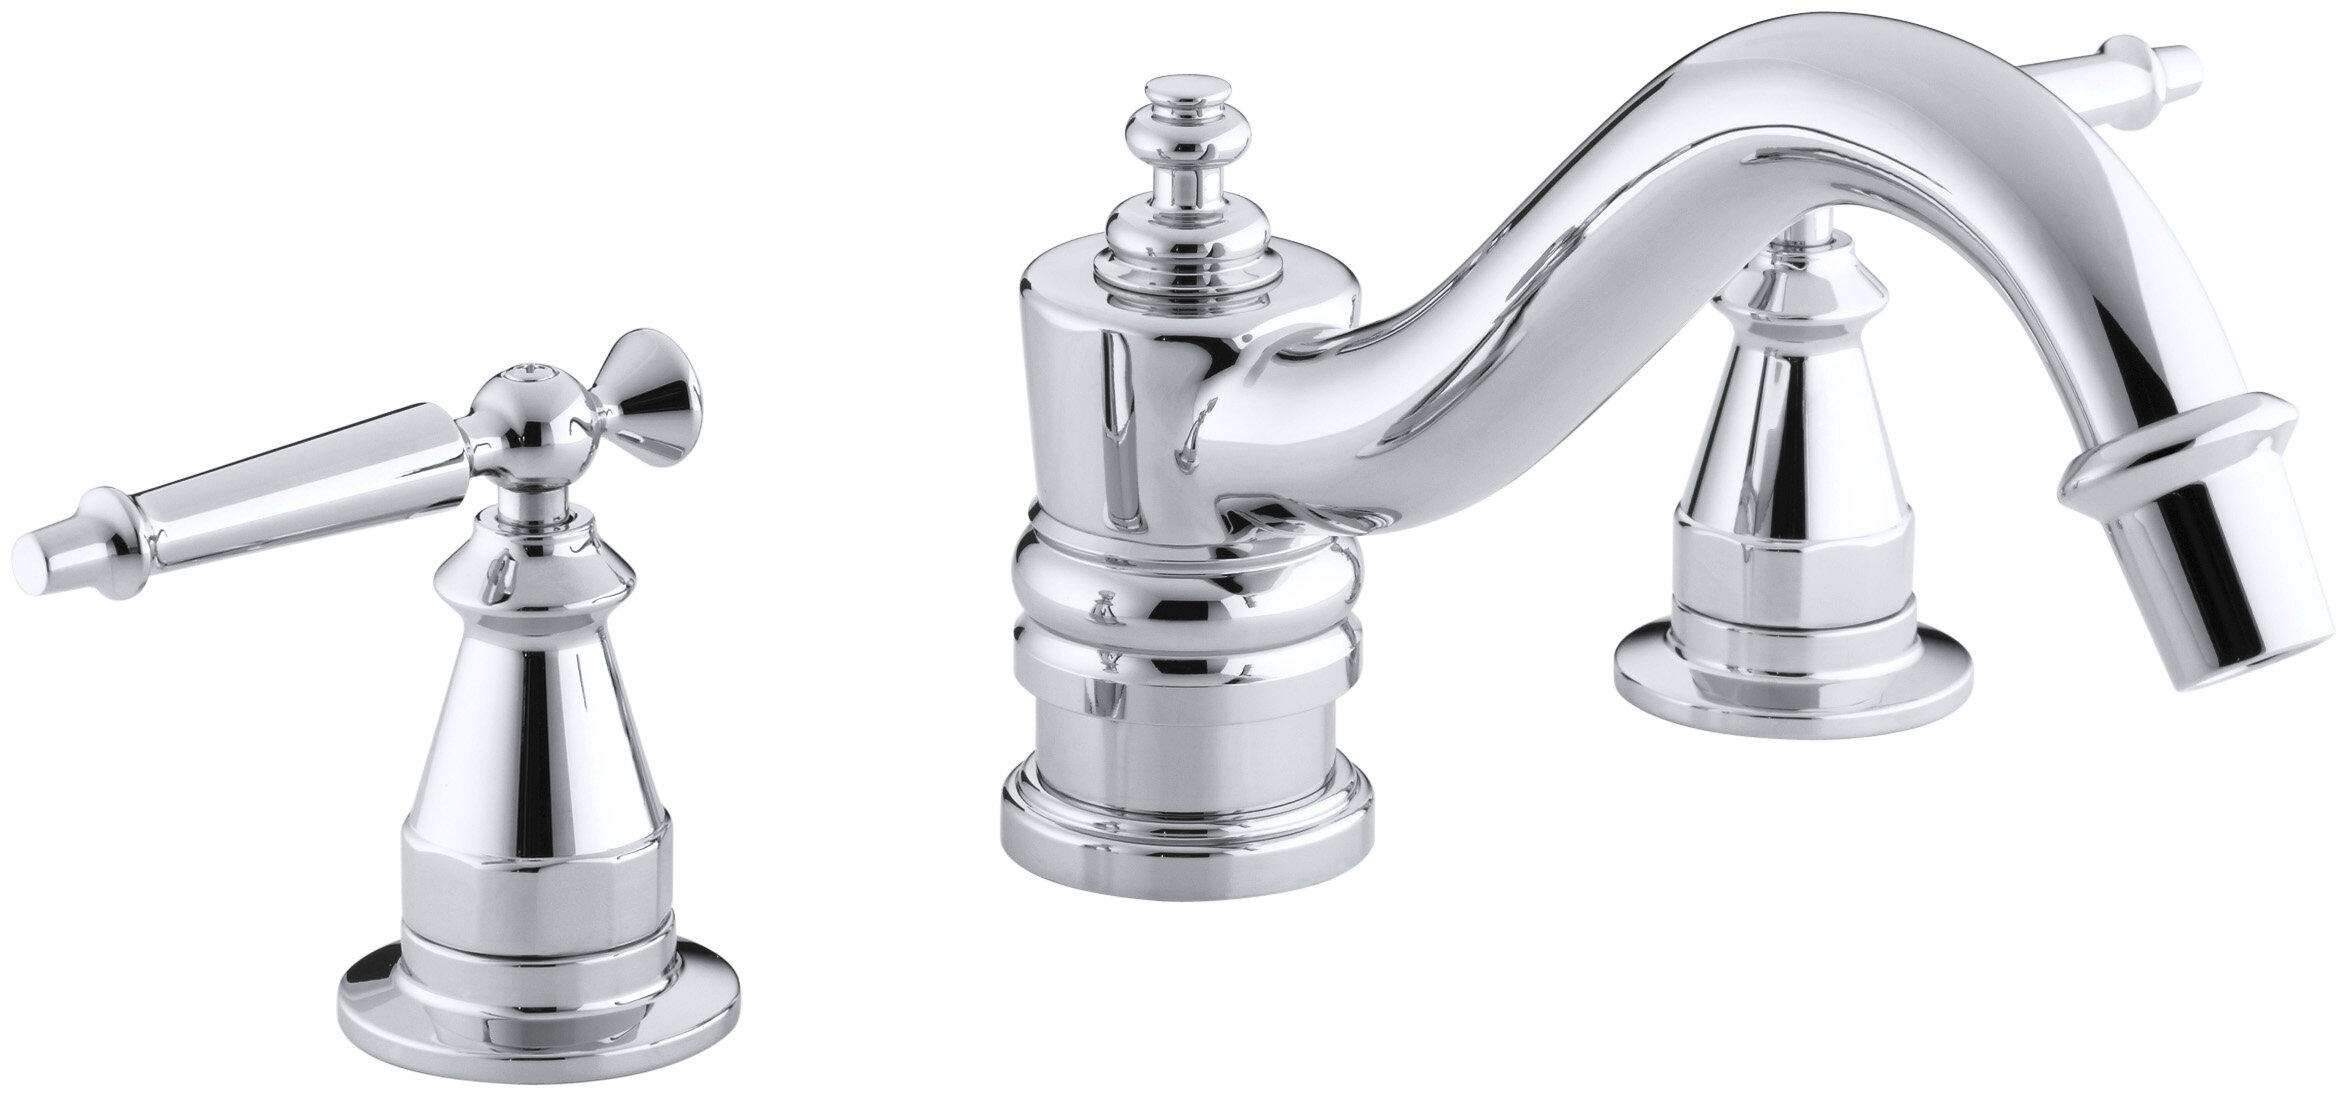 K-T125-4-BN,CP,PB Kohler Antique Bath Faucet Trim for Deck-Mount ...